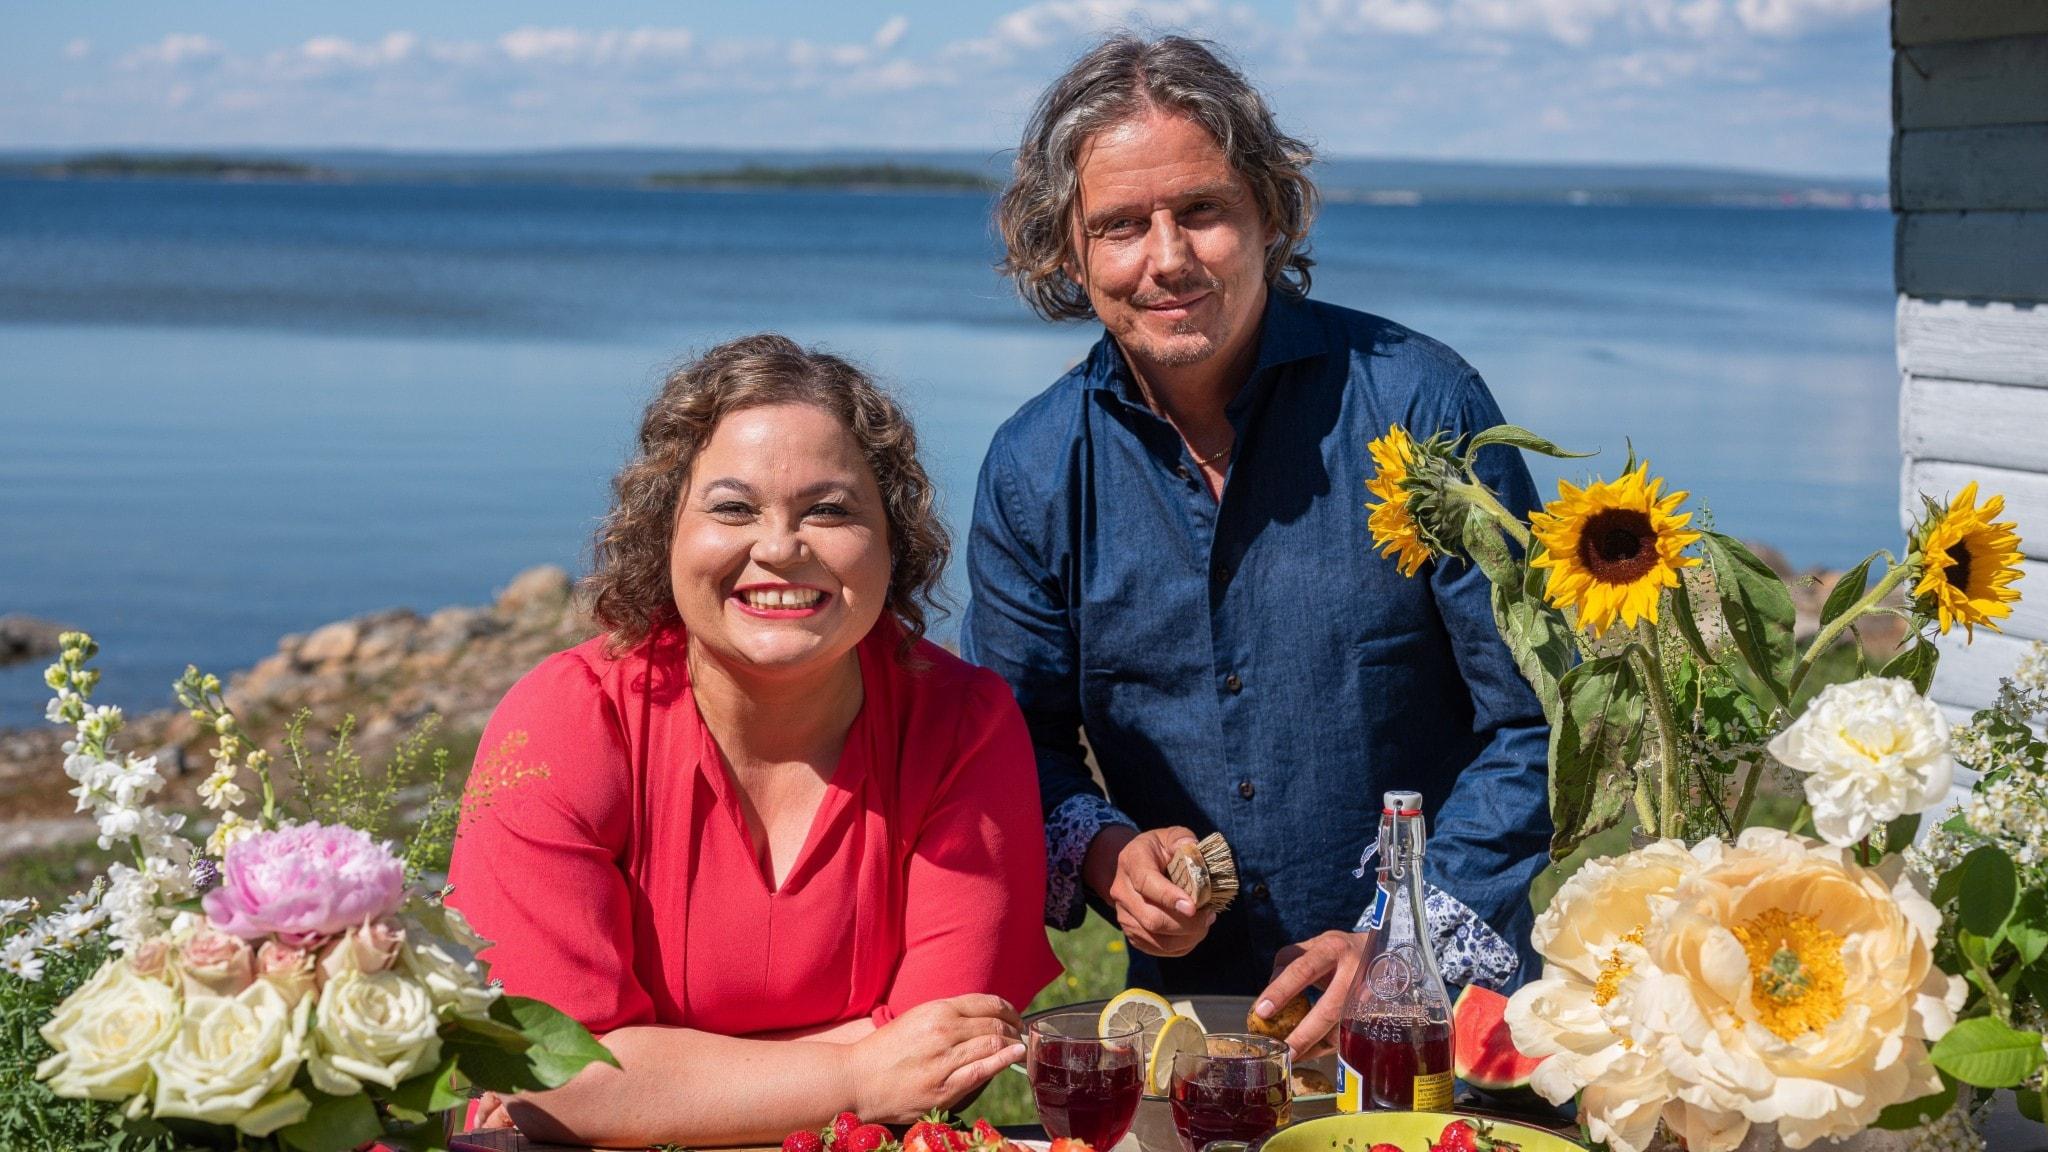 Programledare Susanne Jonsson och Gerhard Stenlund står framför ett bord uppdukat med blommor och tårta, med havet i bakgrunden.